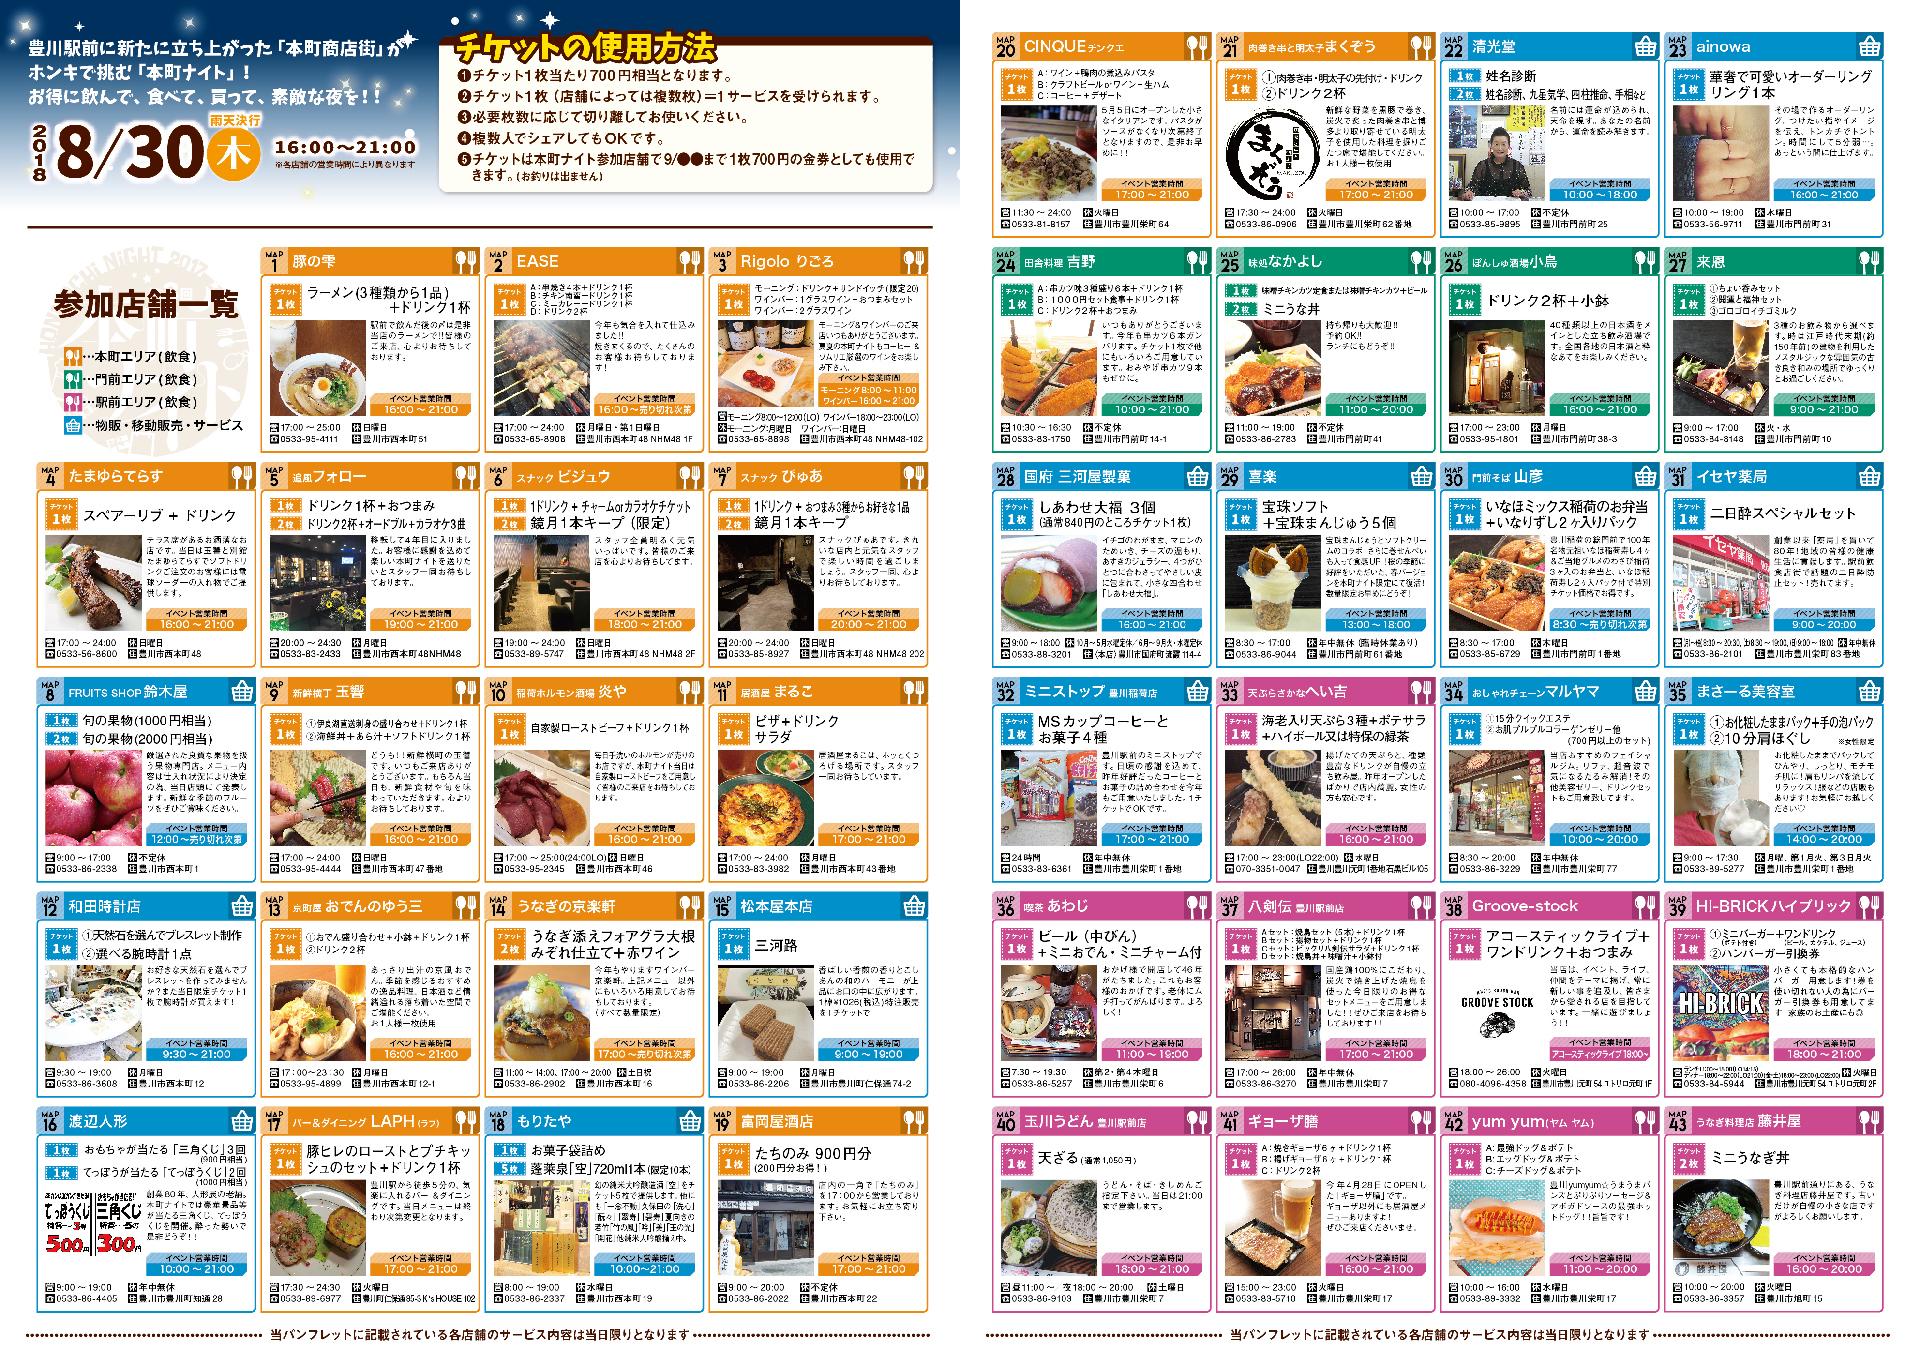 豊川市 商店街 本町商店街 本町ナイト2018 ガイドマップ-2